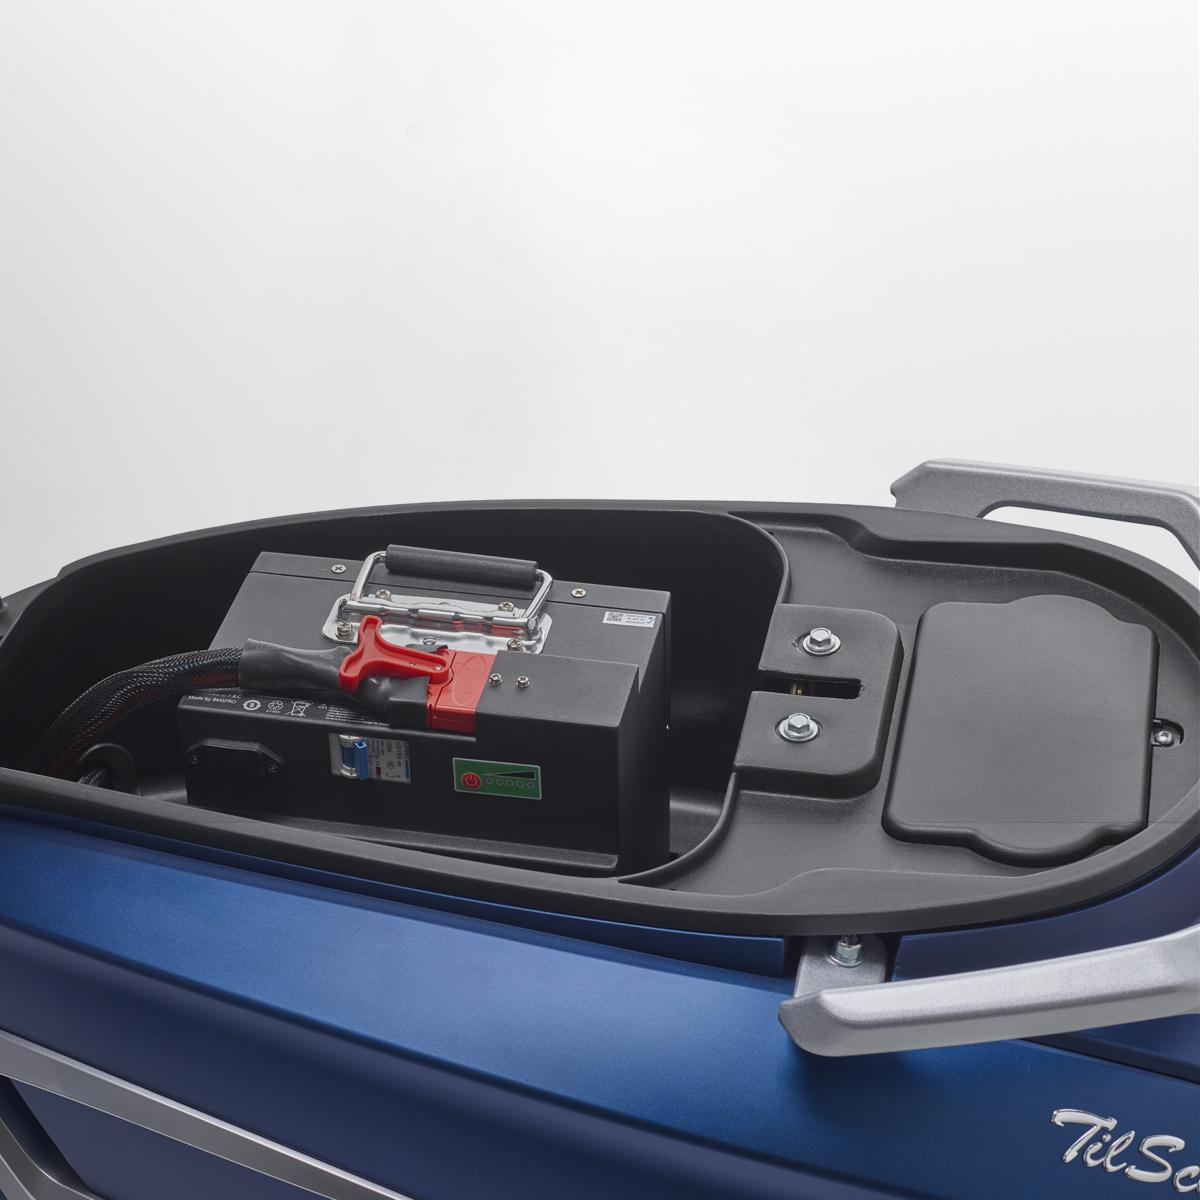 tilscoot-rs-bleu-euroscoot-batterie